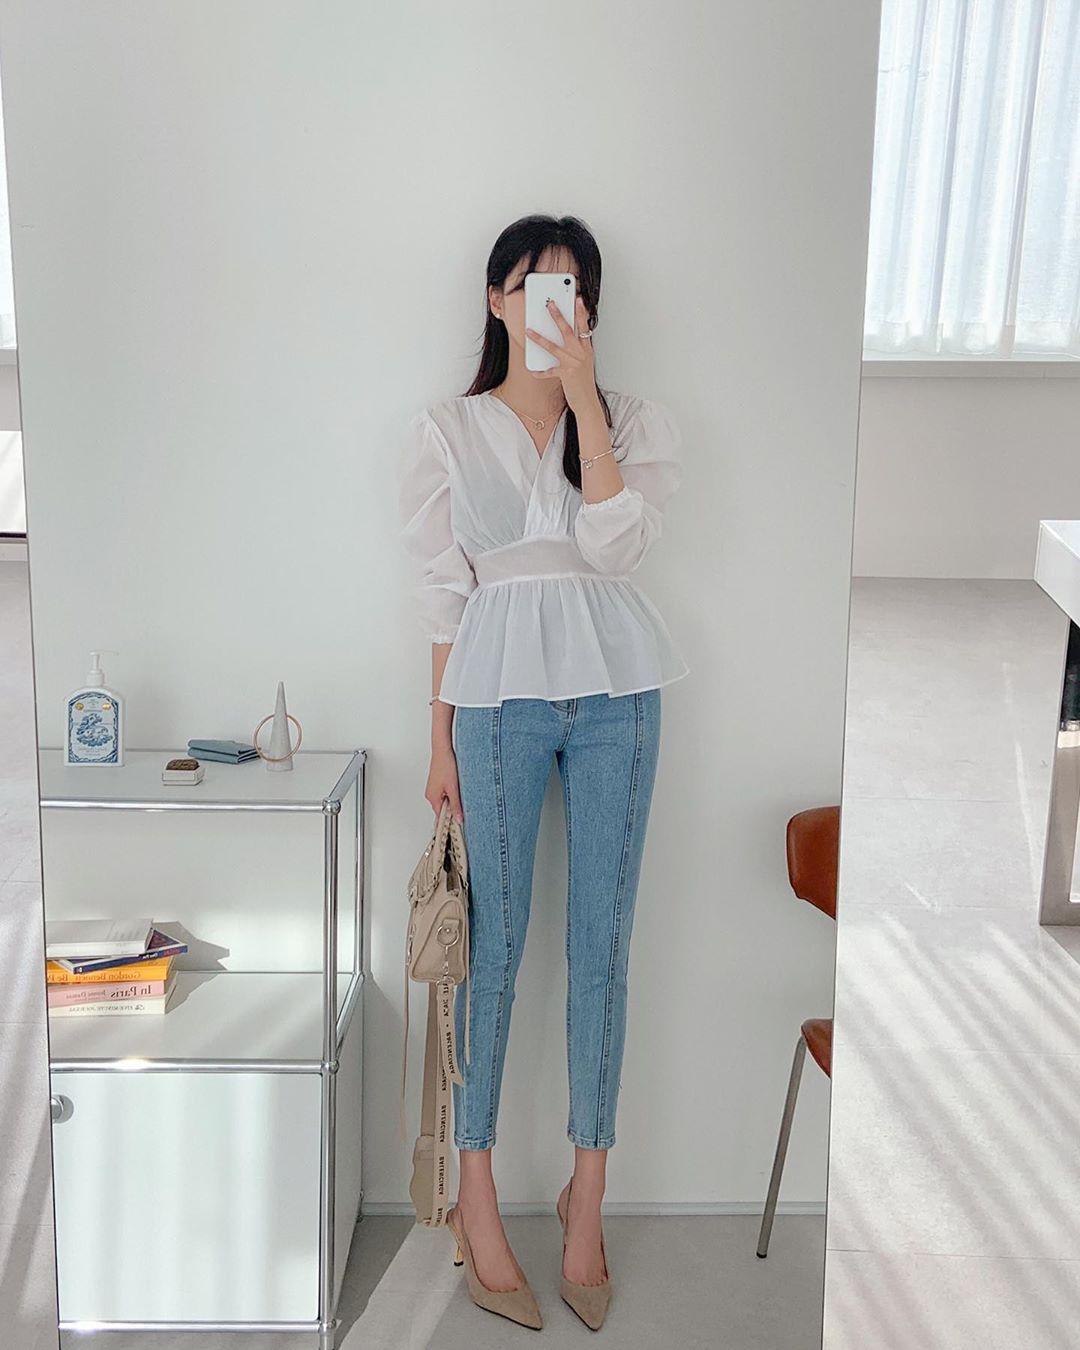 Quý cô chuyên diện quần skinny jeans gợi ý 3 kiểu giày dép kết hợp siêu ăn ý, lại còn kéo chân dài vô địch - Ảnh 10.